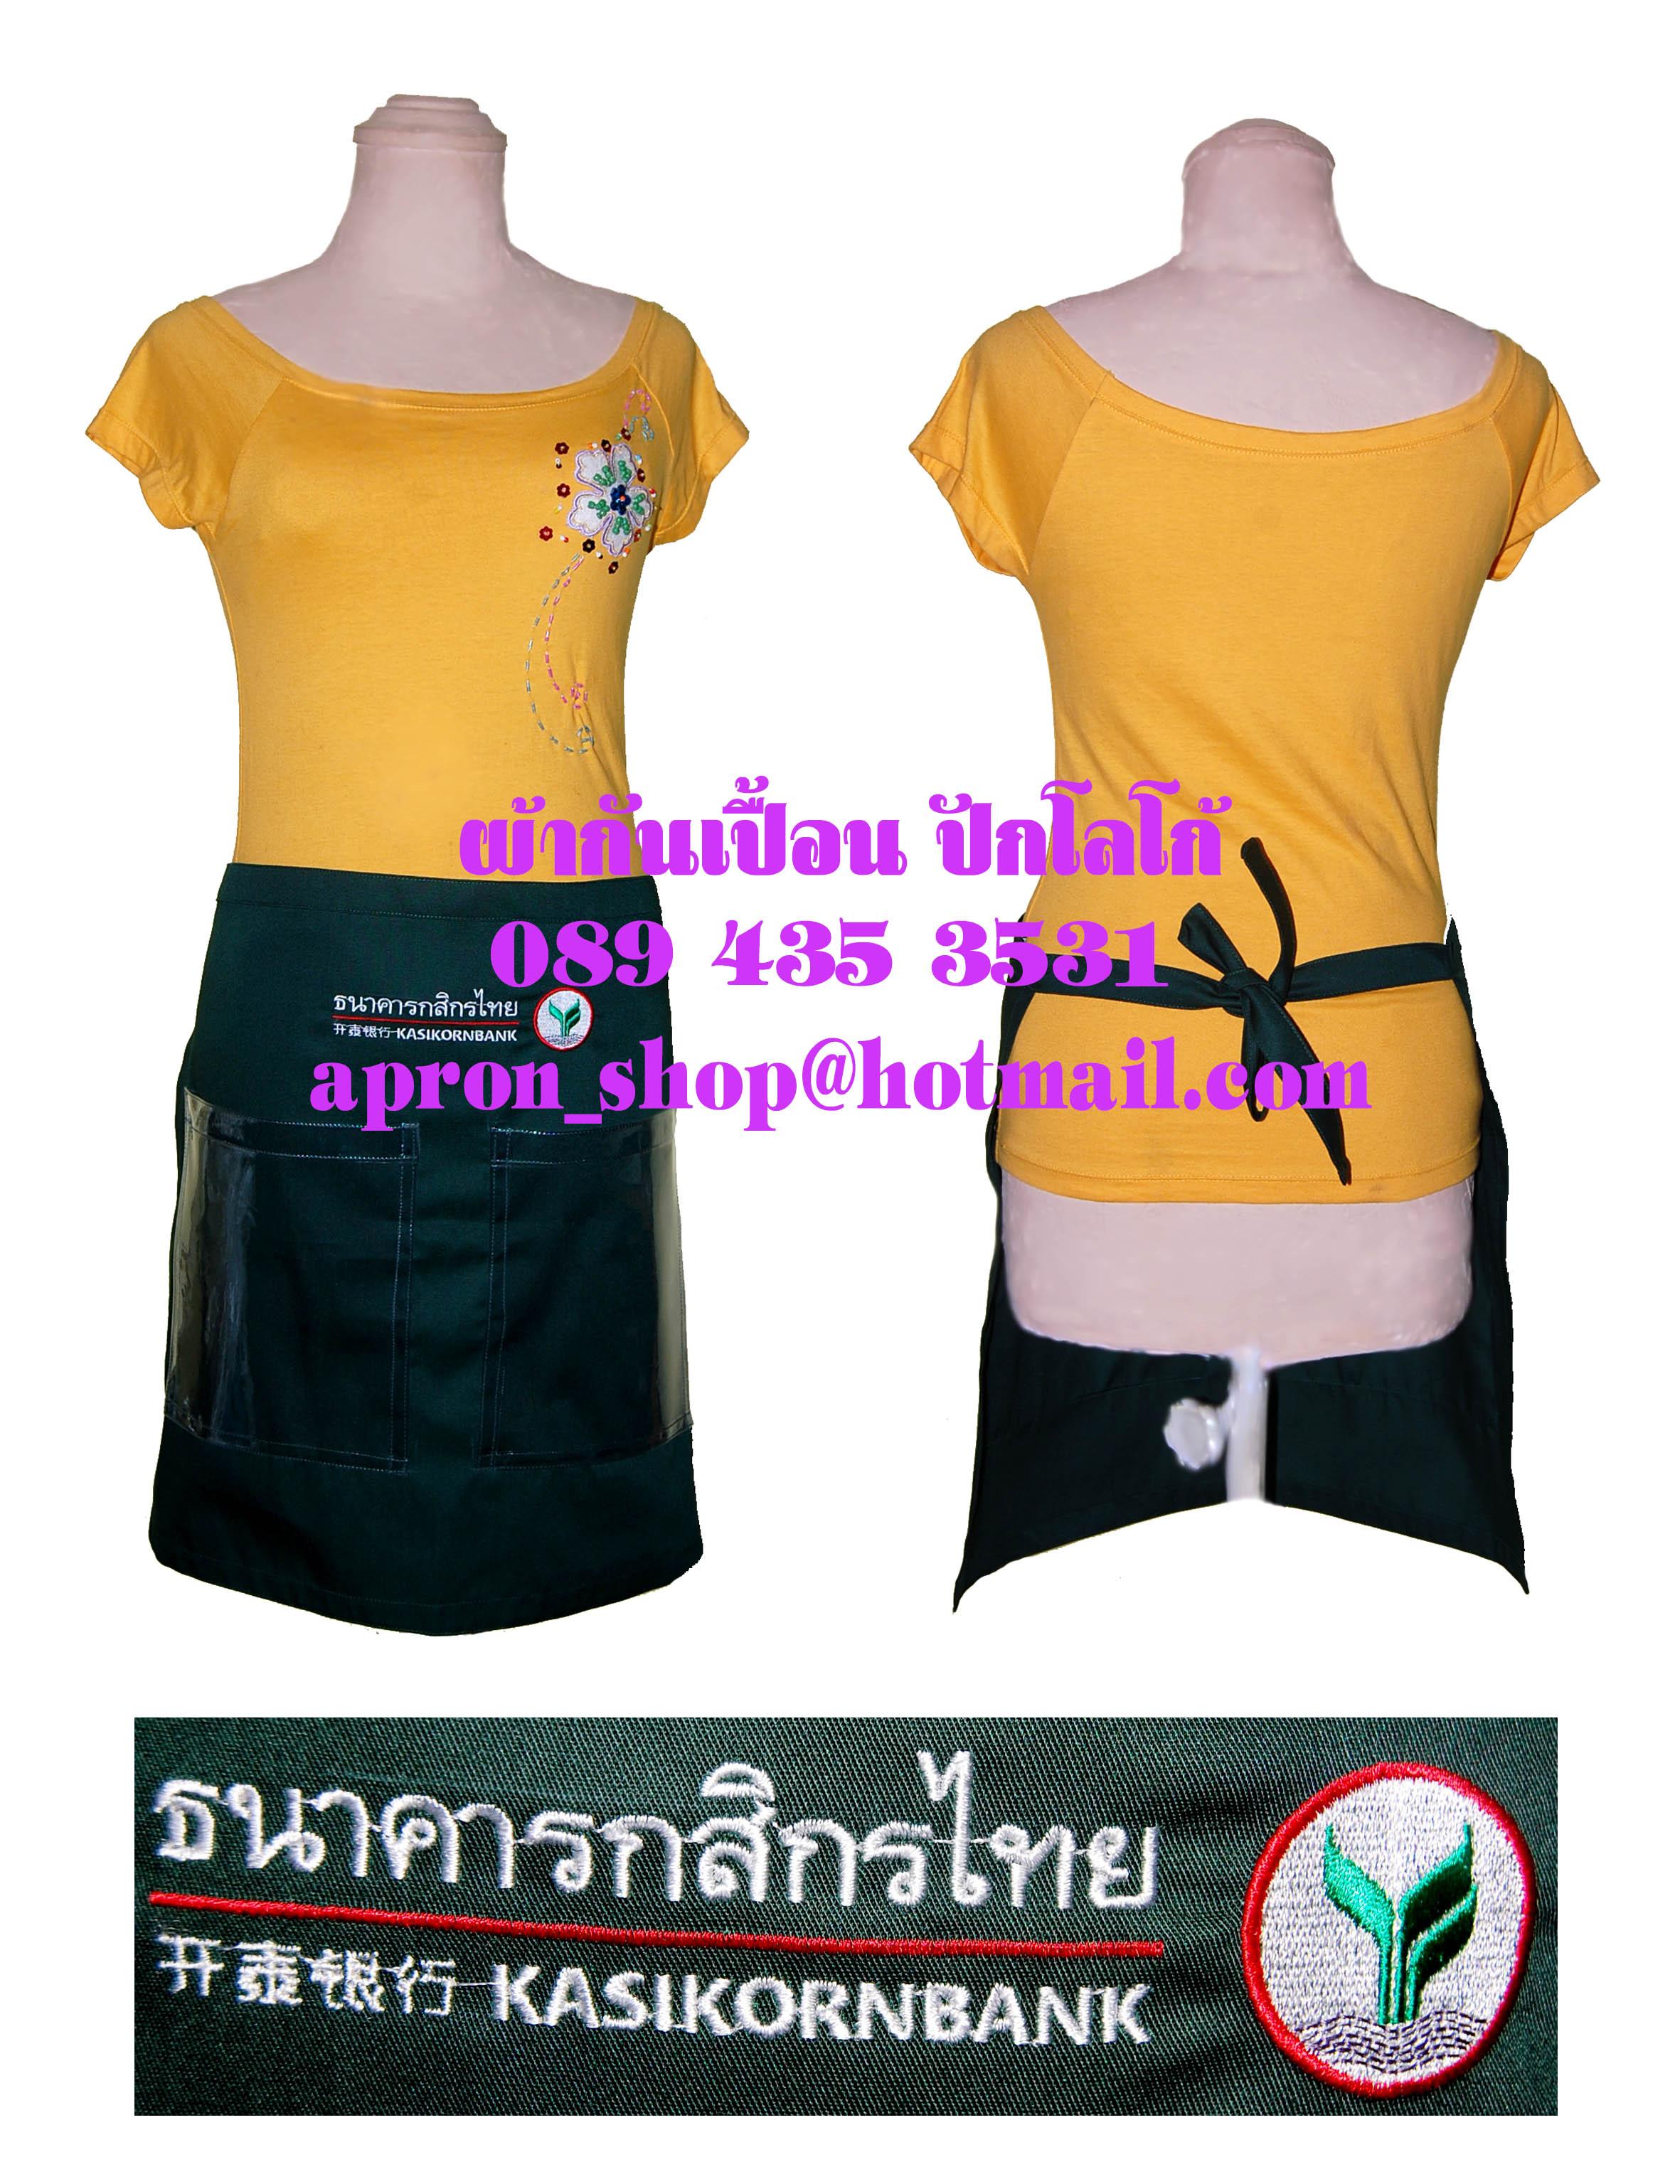 ผ้ากันเปื้อนครึ่งตัว แบบกสิกรไทย